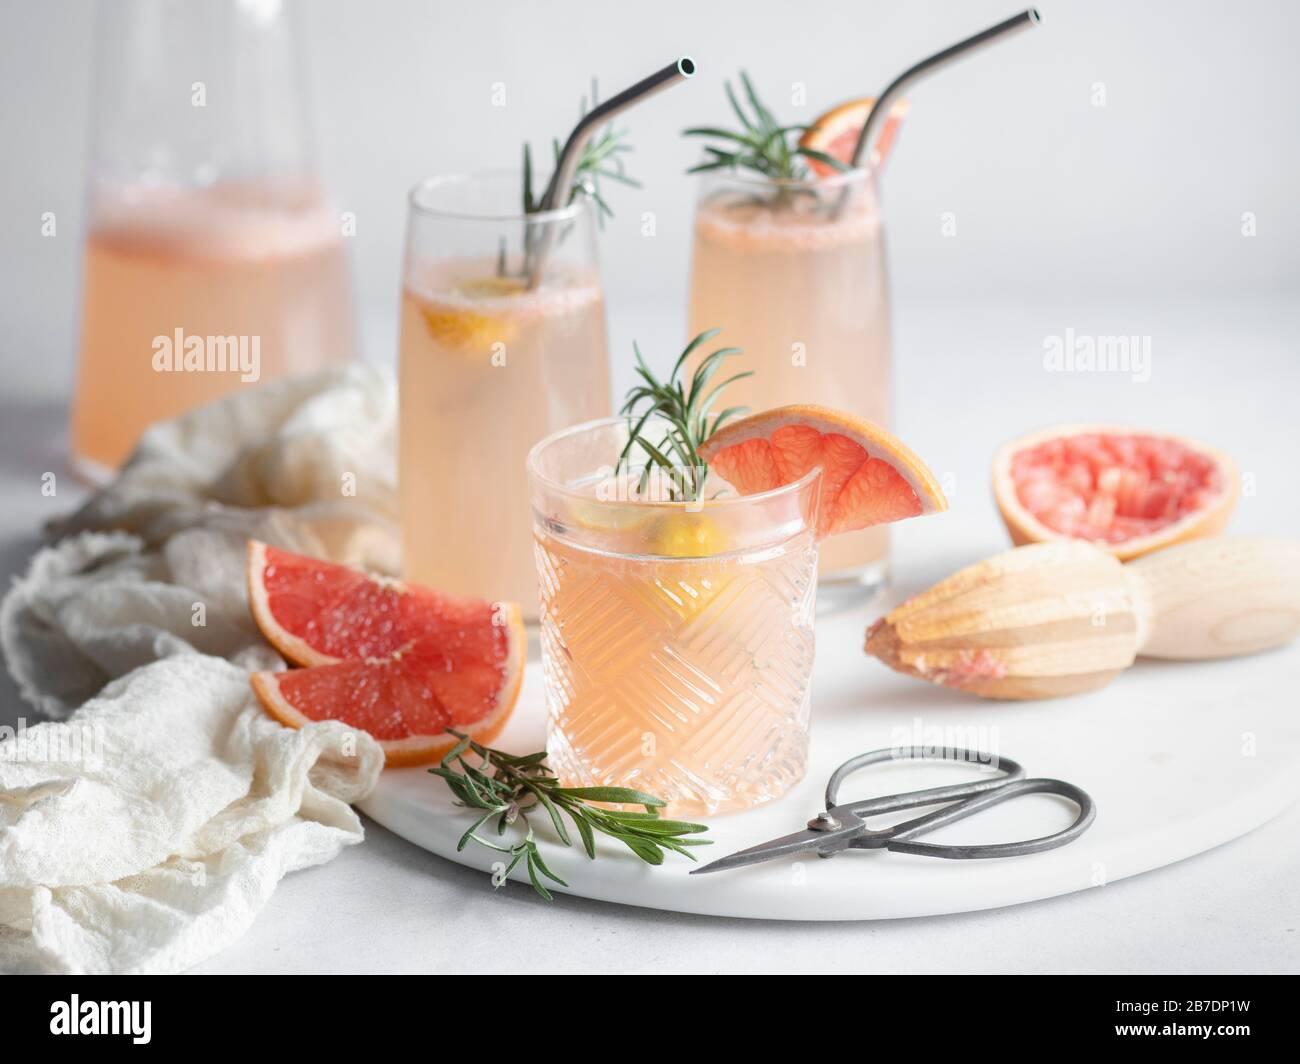 3 vasos de cóctel de pomelo en una bandeja de mármol con romero y rodajas de pomelo, jarra y servilleta de mousselina Foto de stock